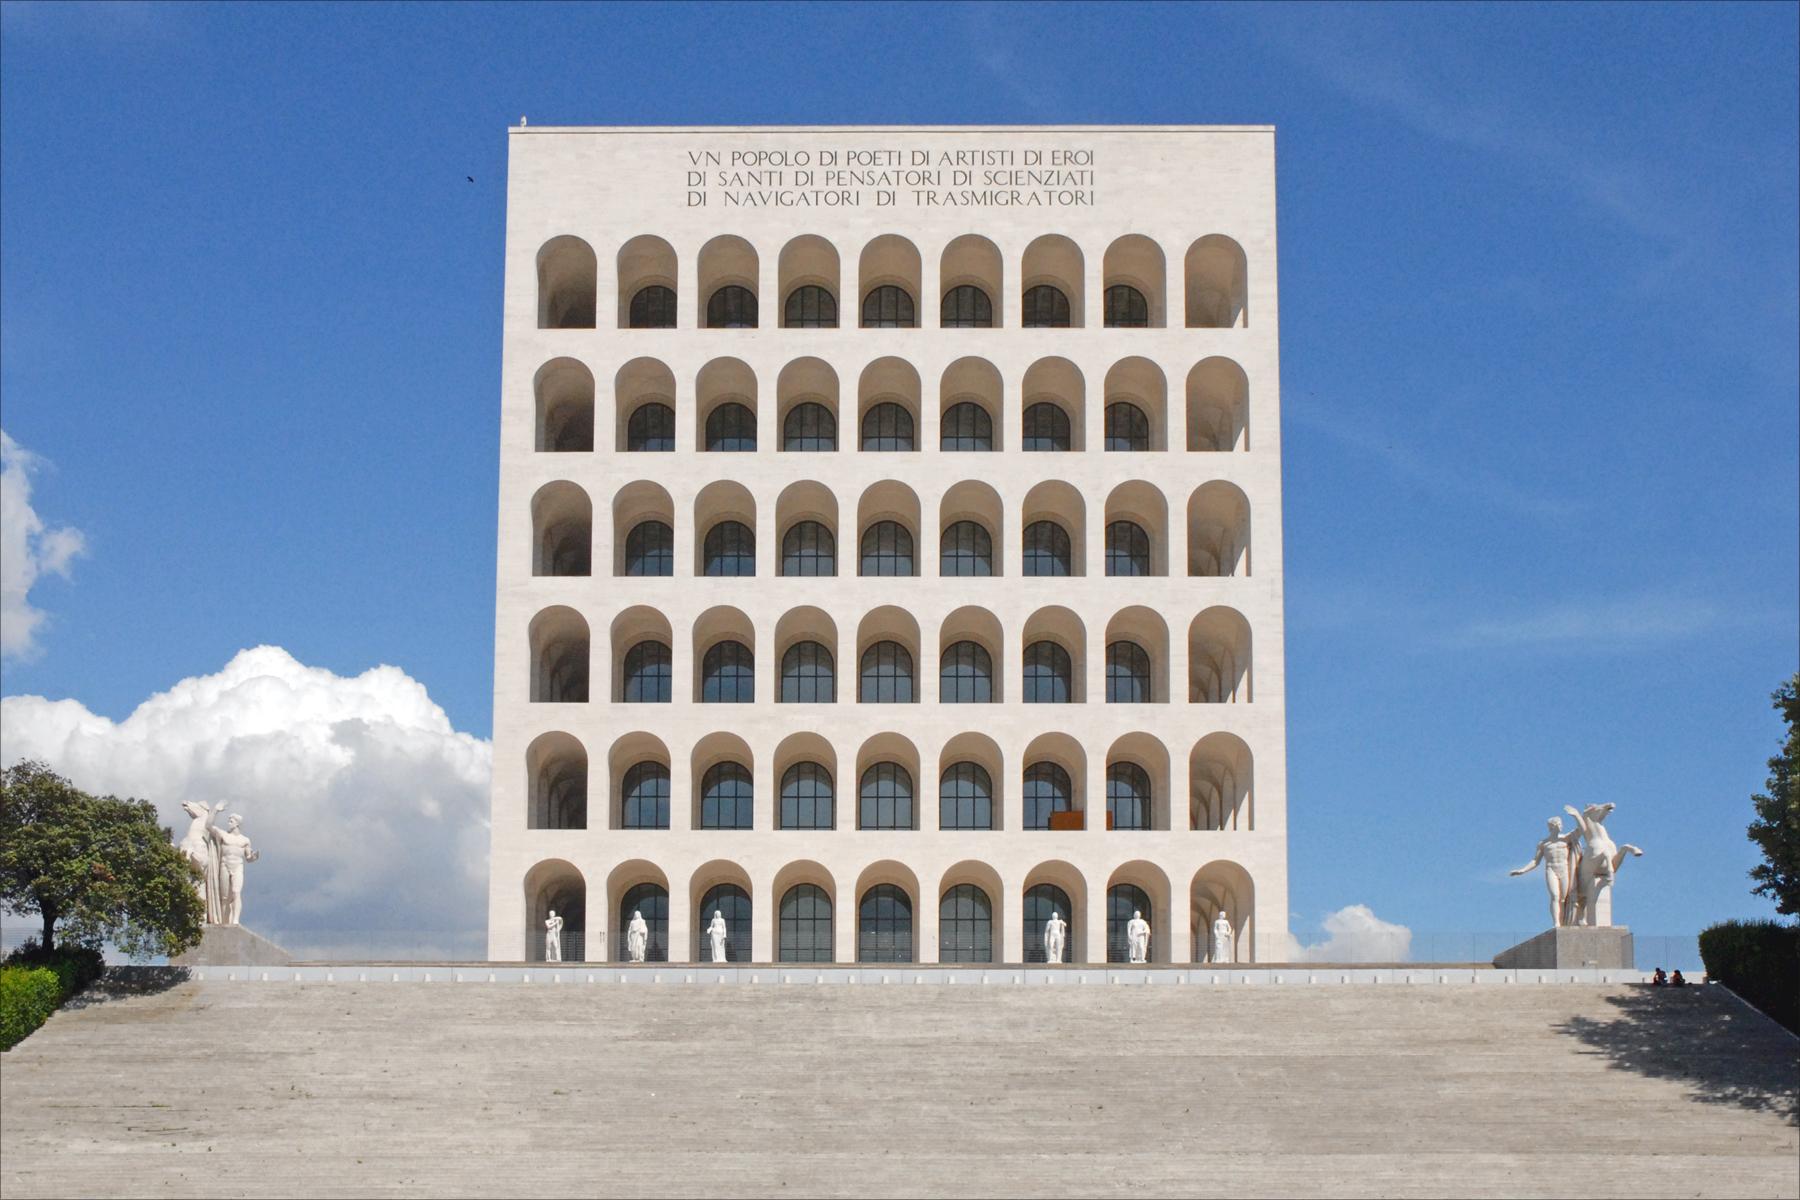 Palazzo della civilta Source: https://upload.wikimedia.org/wikipedia/commons/9/9f/Palazzo_della_civiltà_del_lavoro_(EUR,_Rome)_(5904657870).jpg